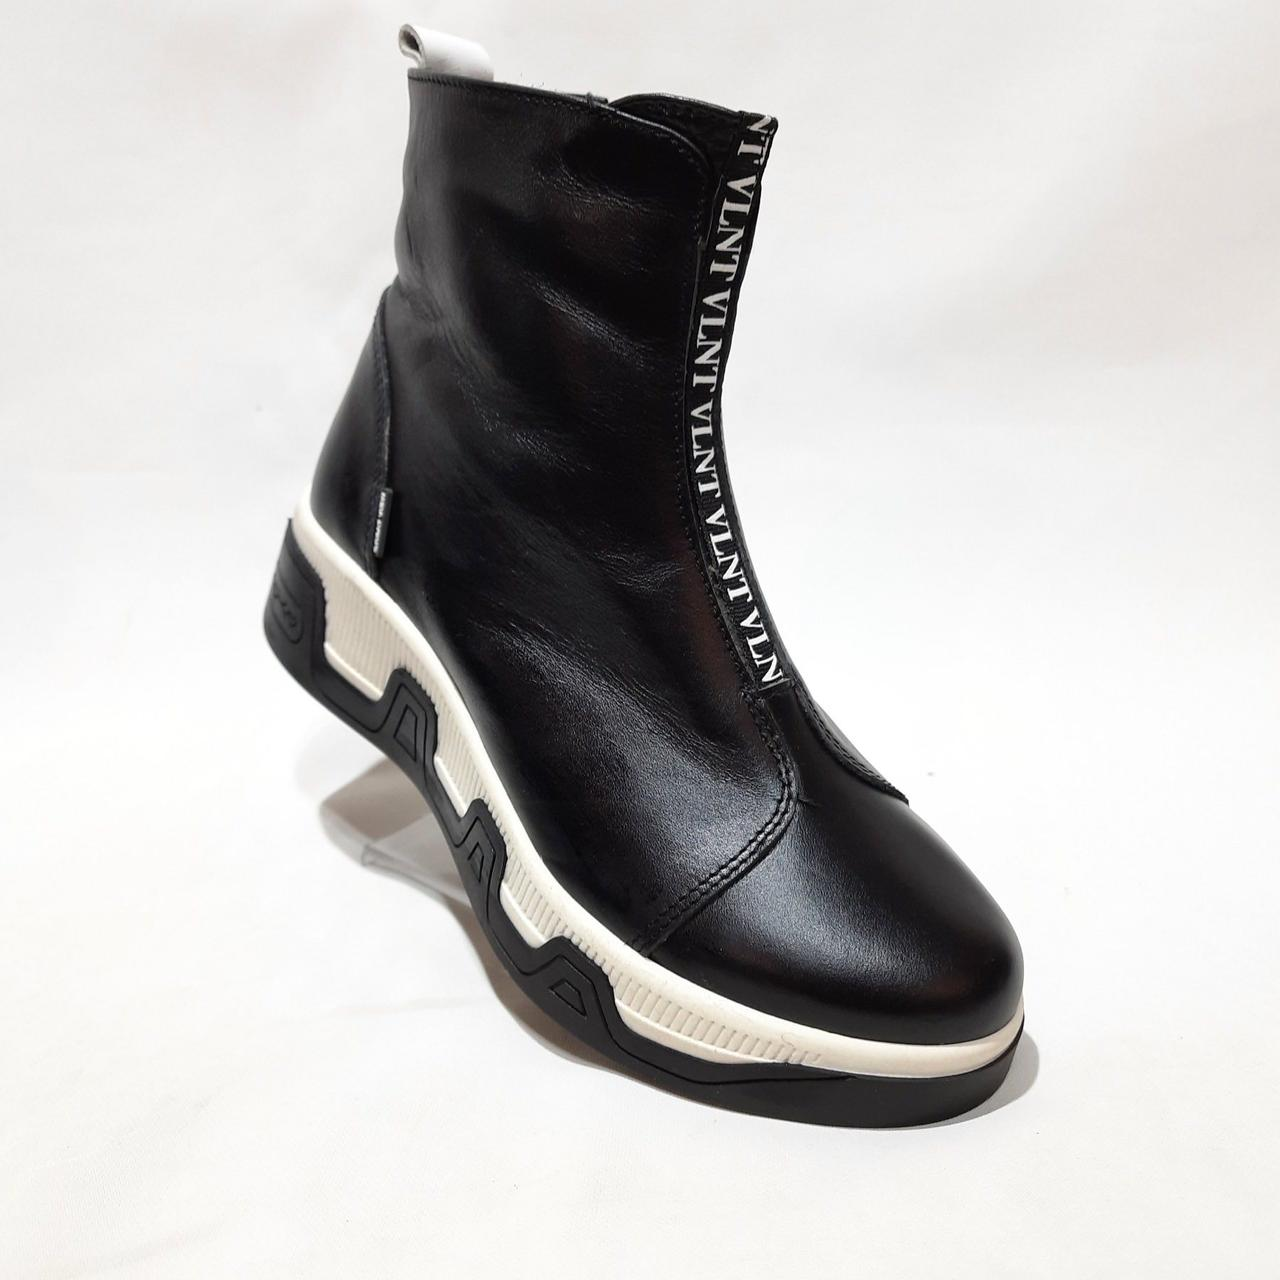 36,41 р. Женские зимние сапоги ботинки на меху кожаные полусапожки